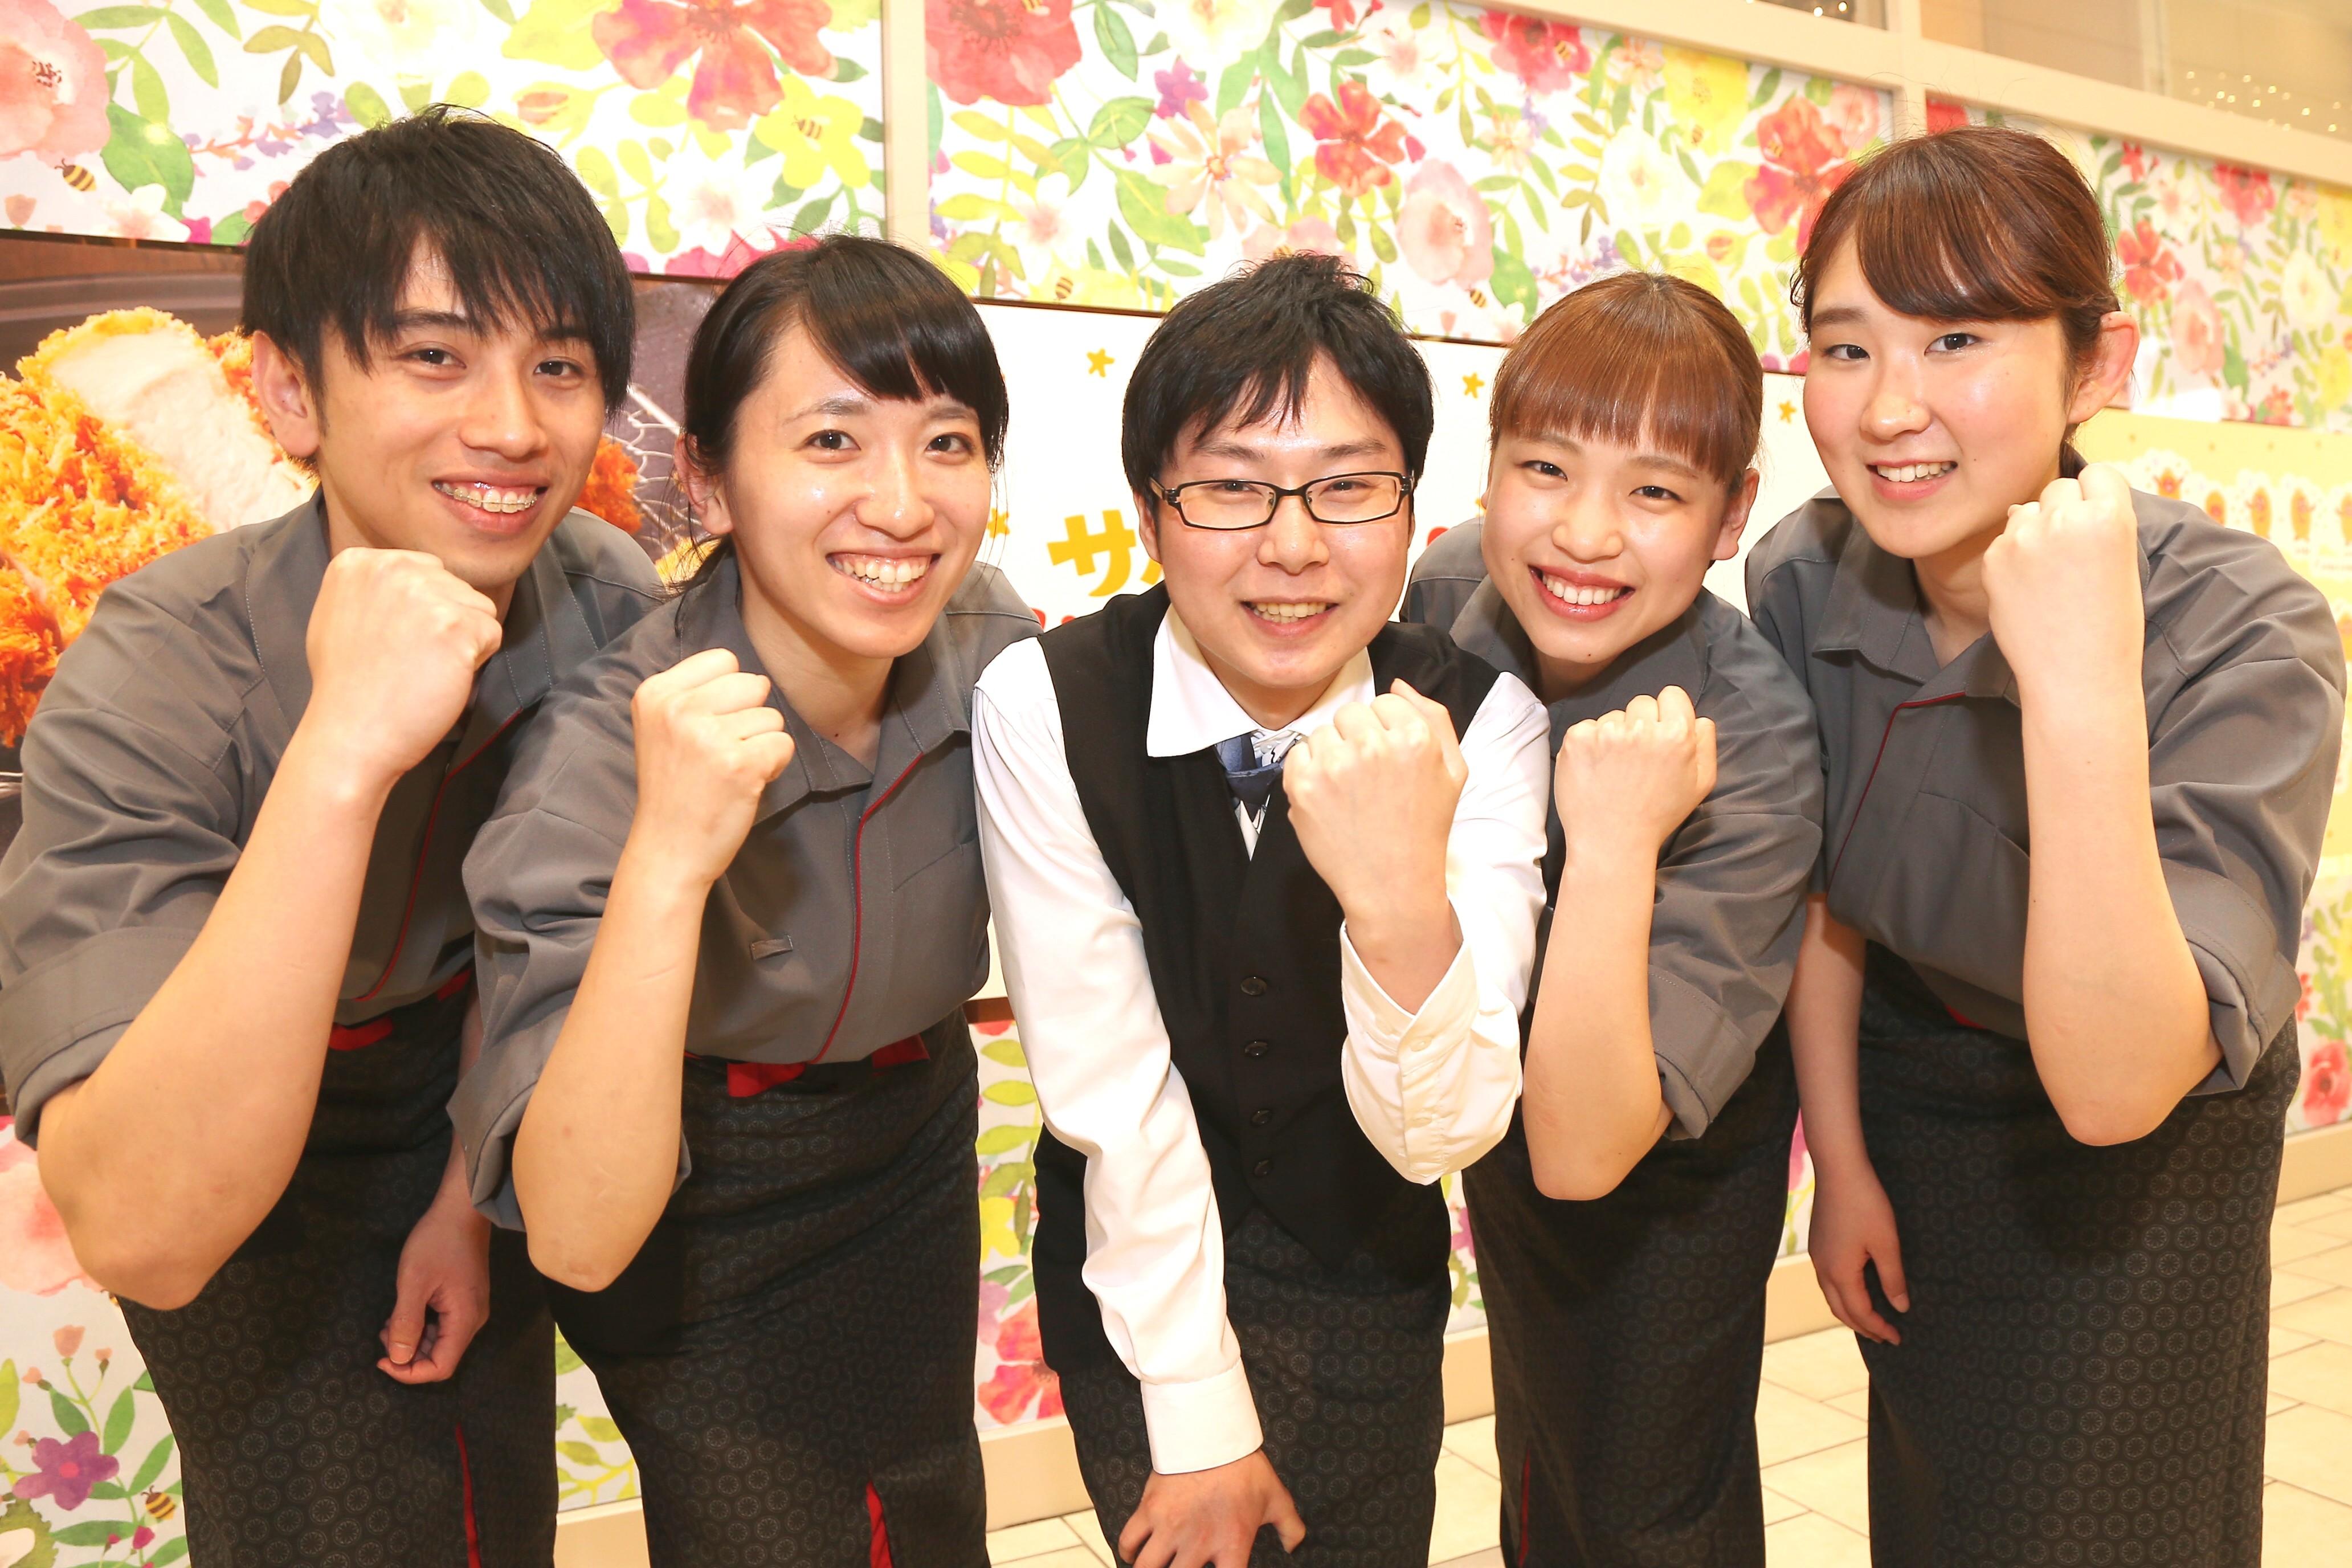 スタッフ間の仲の良さが魅力☆みんなで助け合ってお仕事!